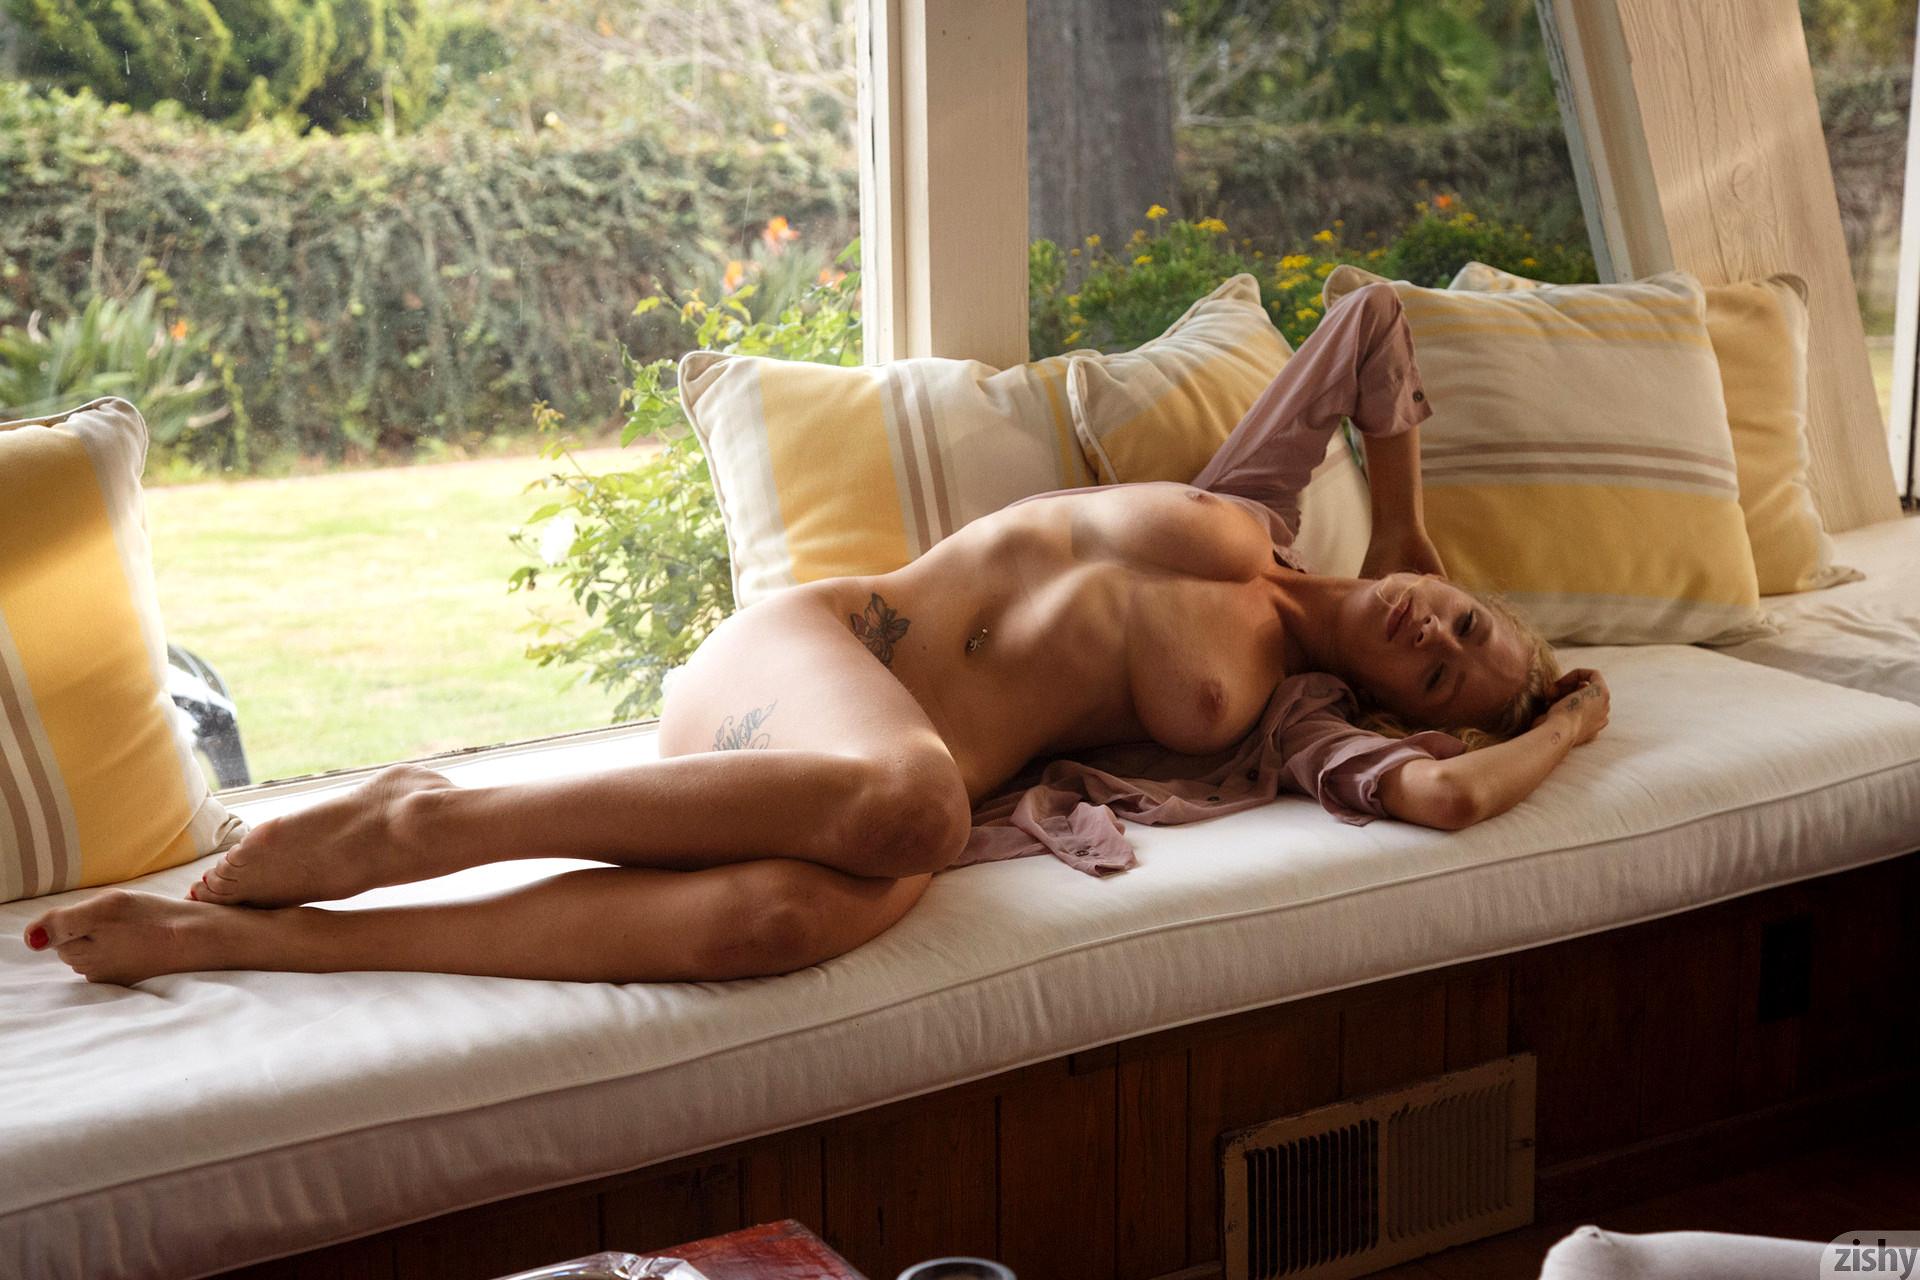 Nude photos crazy